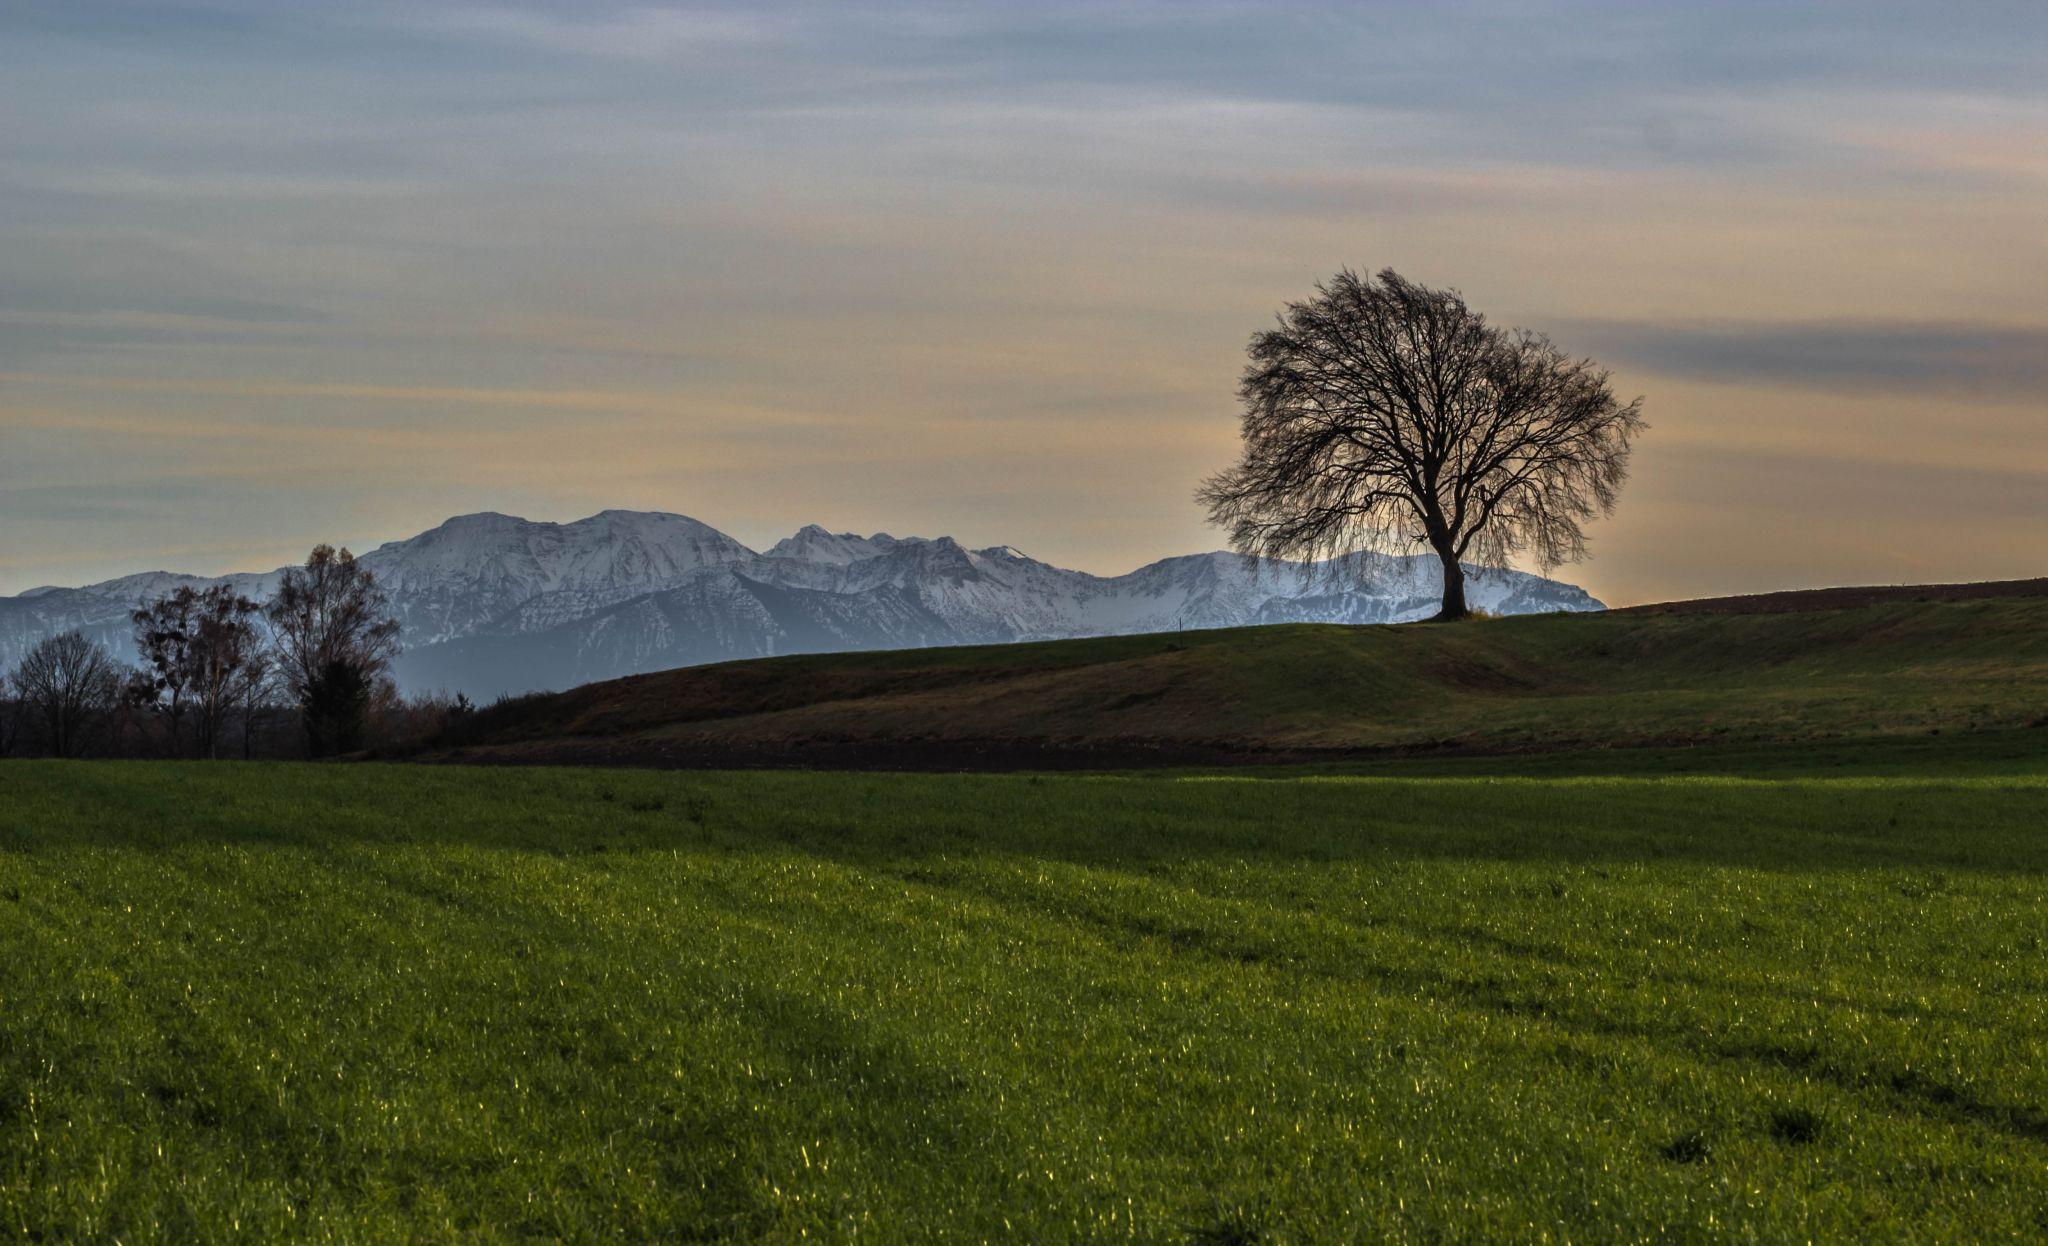 Einsamer Baum, Germany